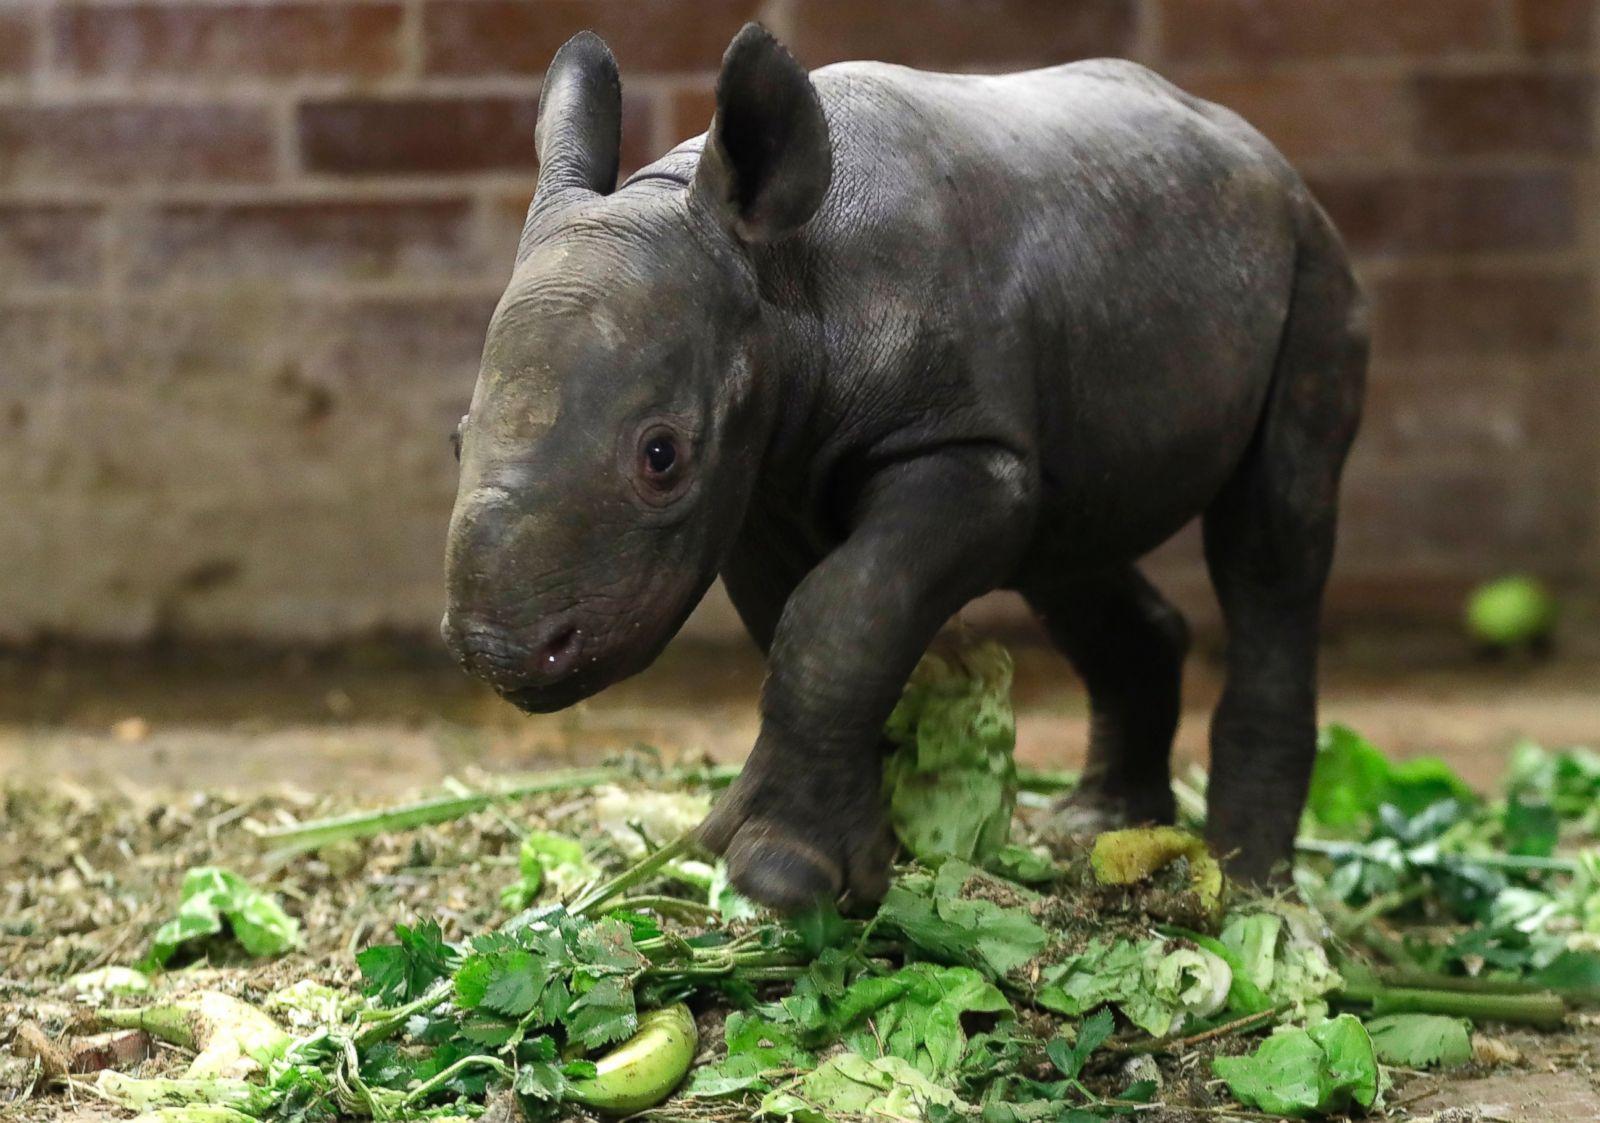 Baby animals photos baby animals ny daily news - Baby Animals Photos Baby Animals Ny Daily News 47